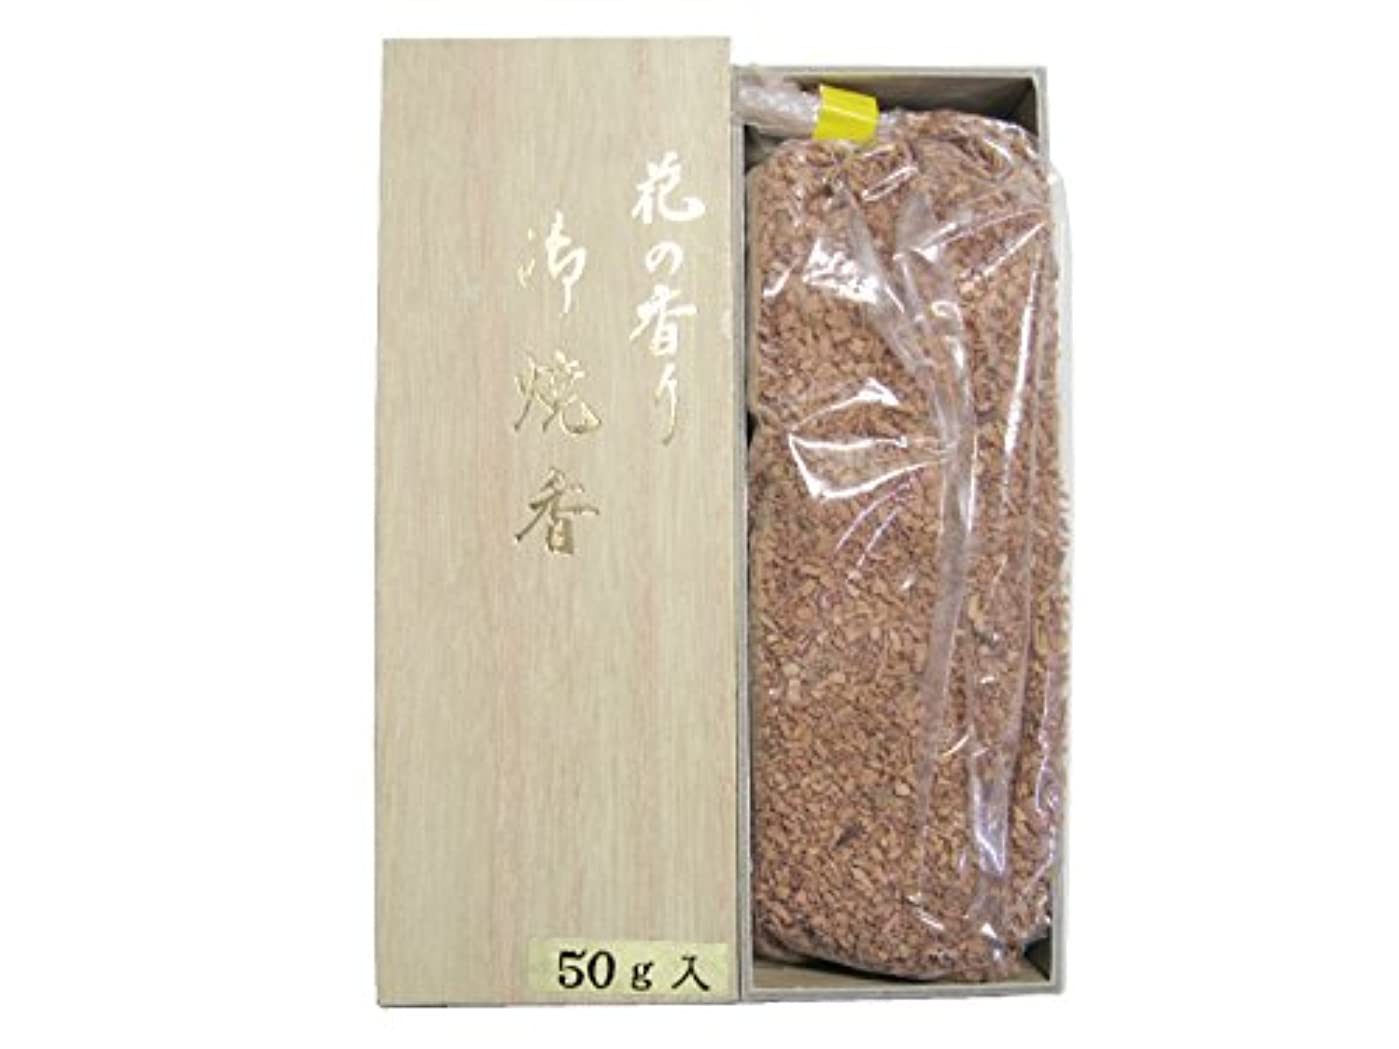 がっかりした真珠のような便利さ淡路梅薫堂のお焼香 花の香り50g #948 お焼香用 お香